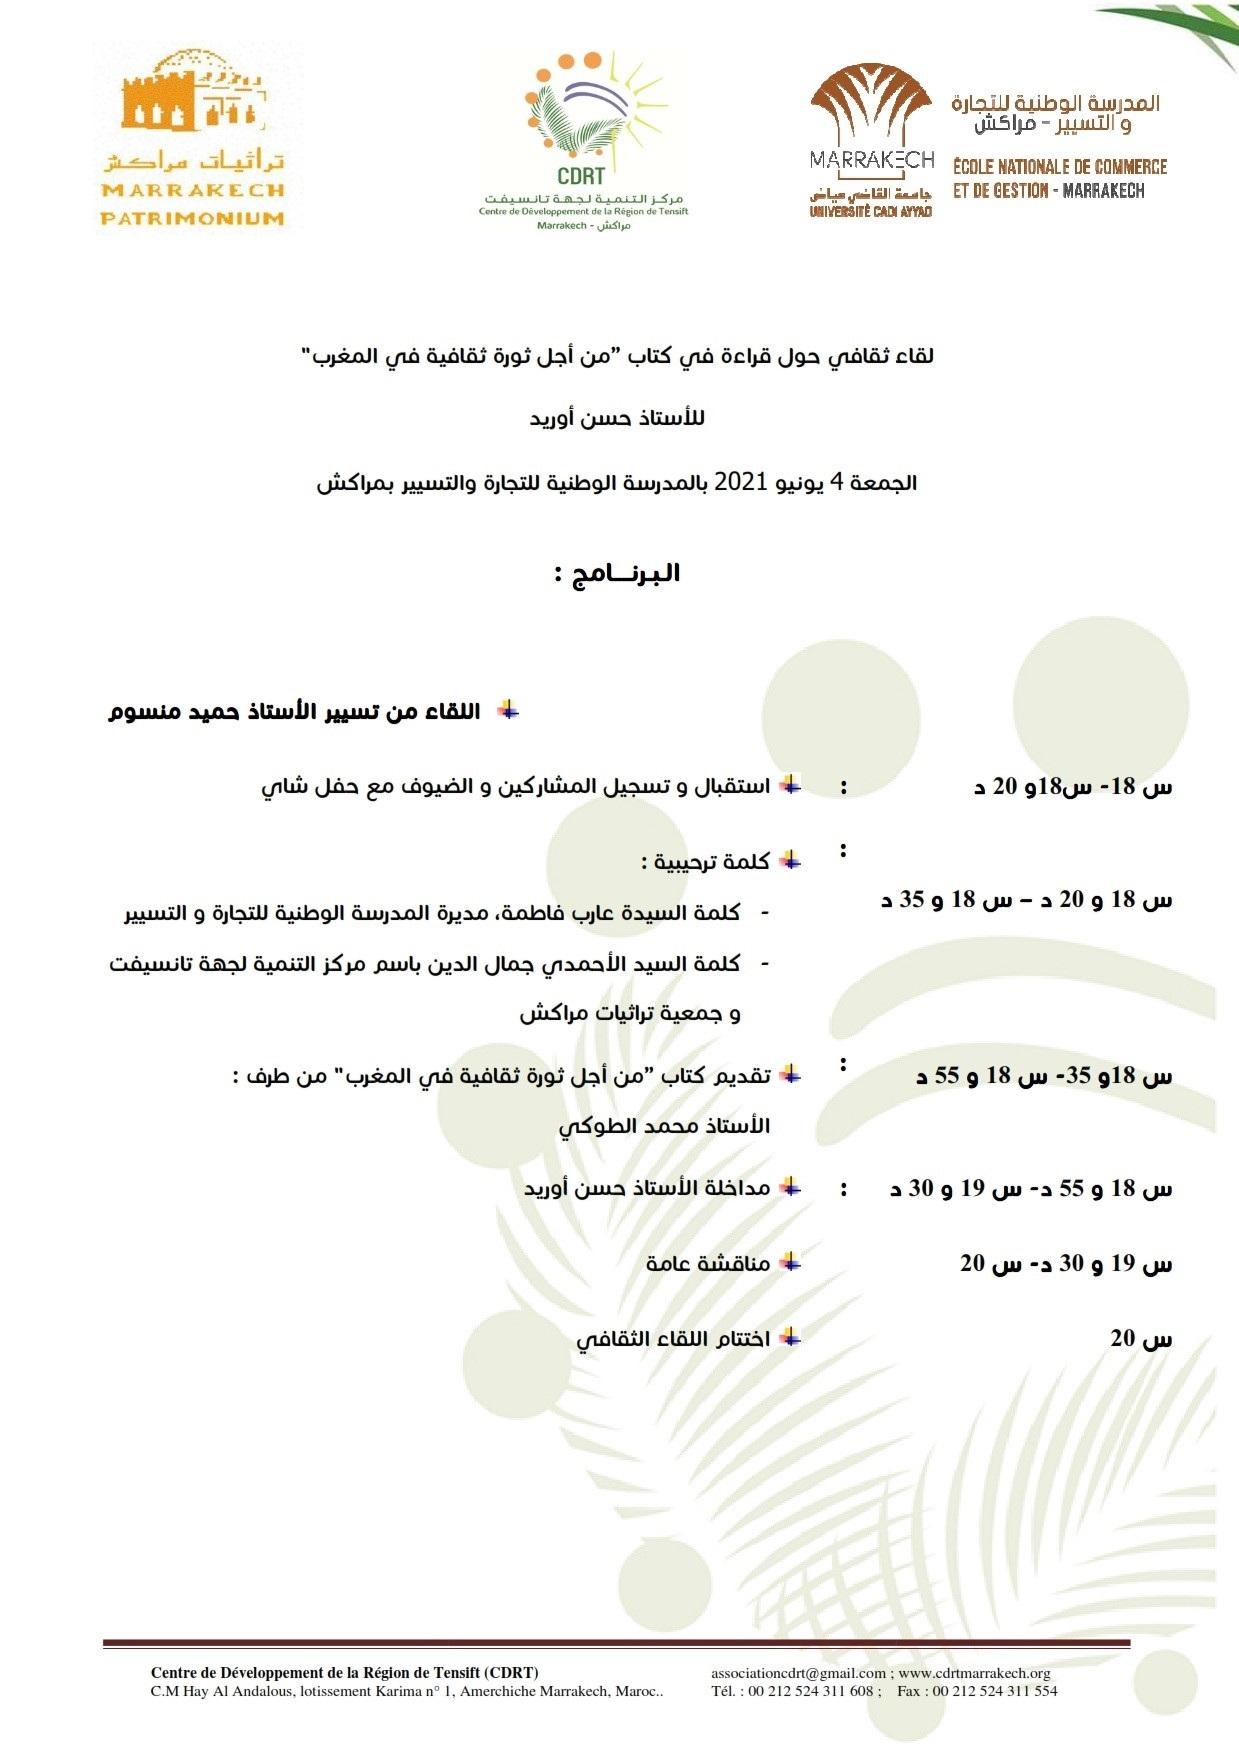 Programme de la rencontre culturelle_cdrt